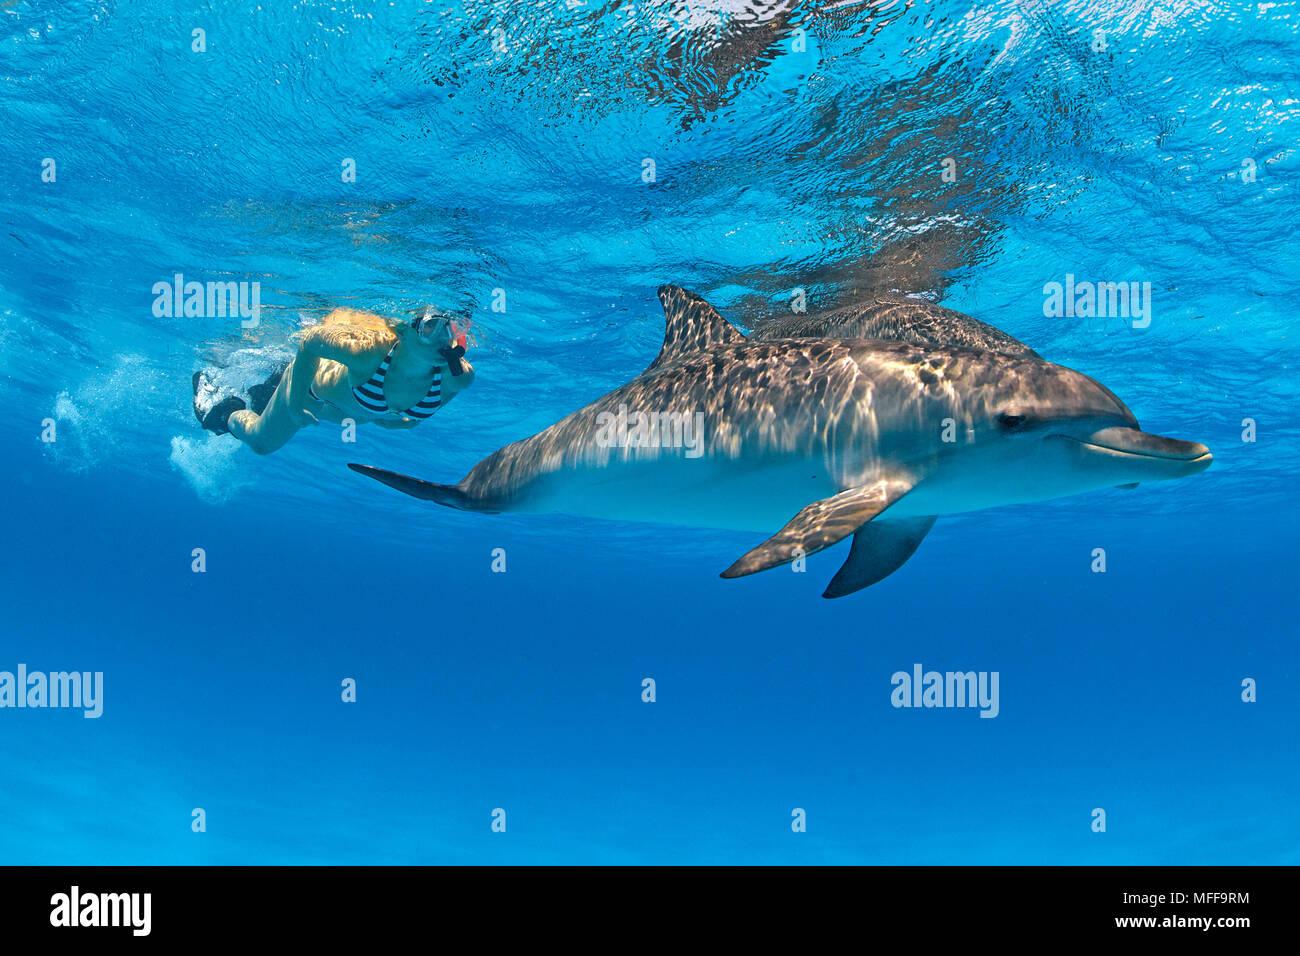 Buceador y delfines moteados del Atlántico (Stenella frontalis), Gran Bahama, Bahamas Foto de stock